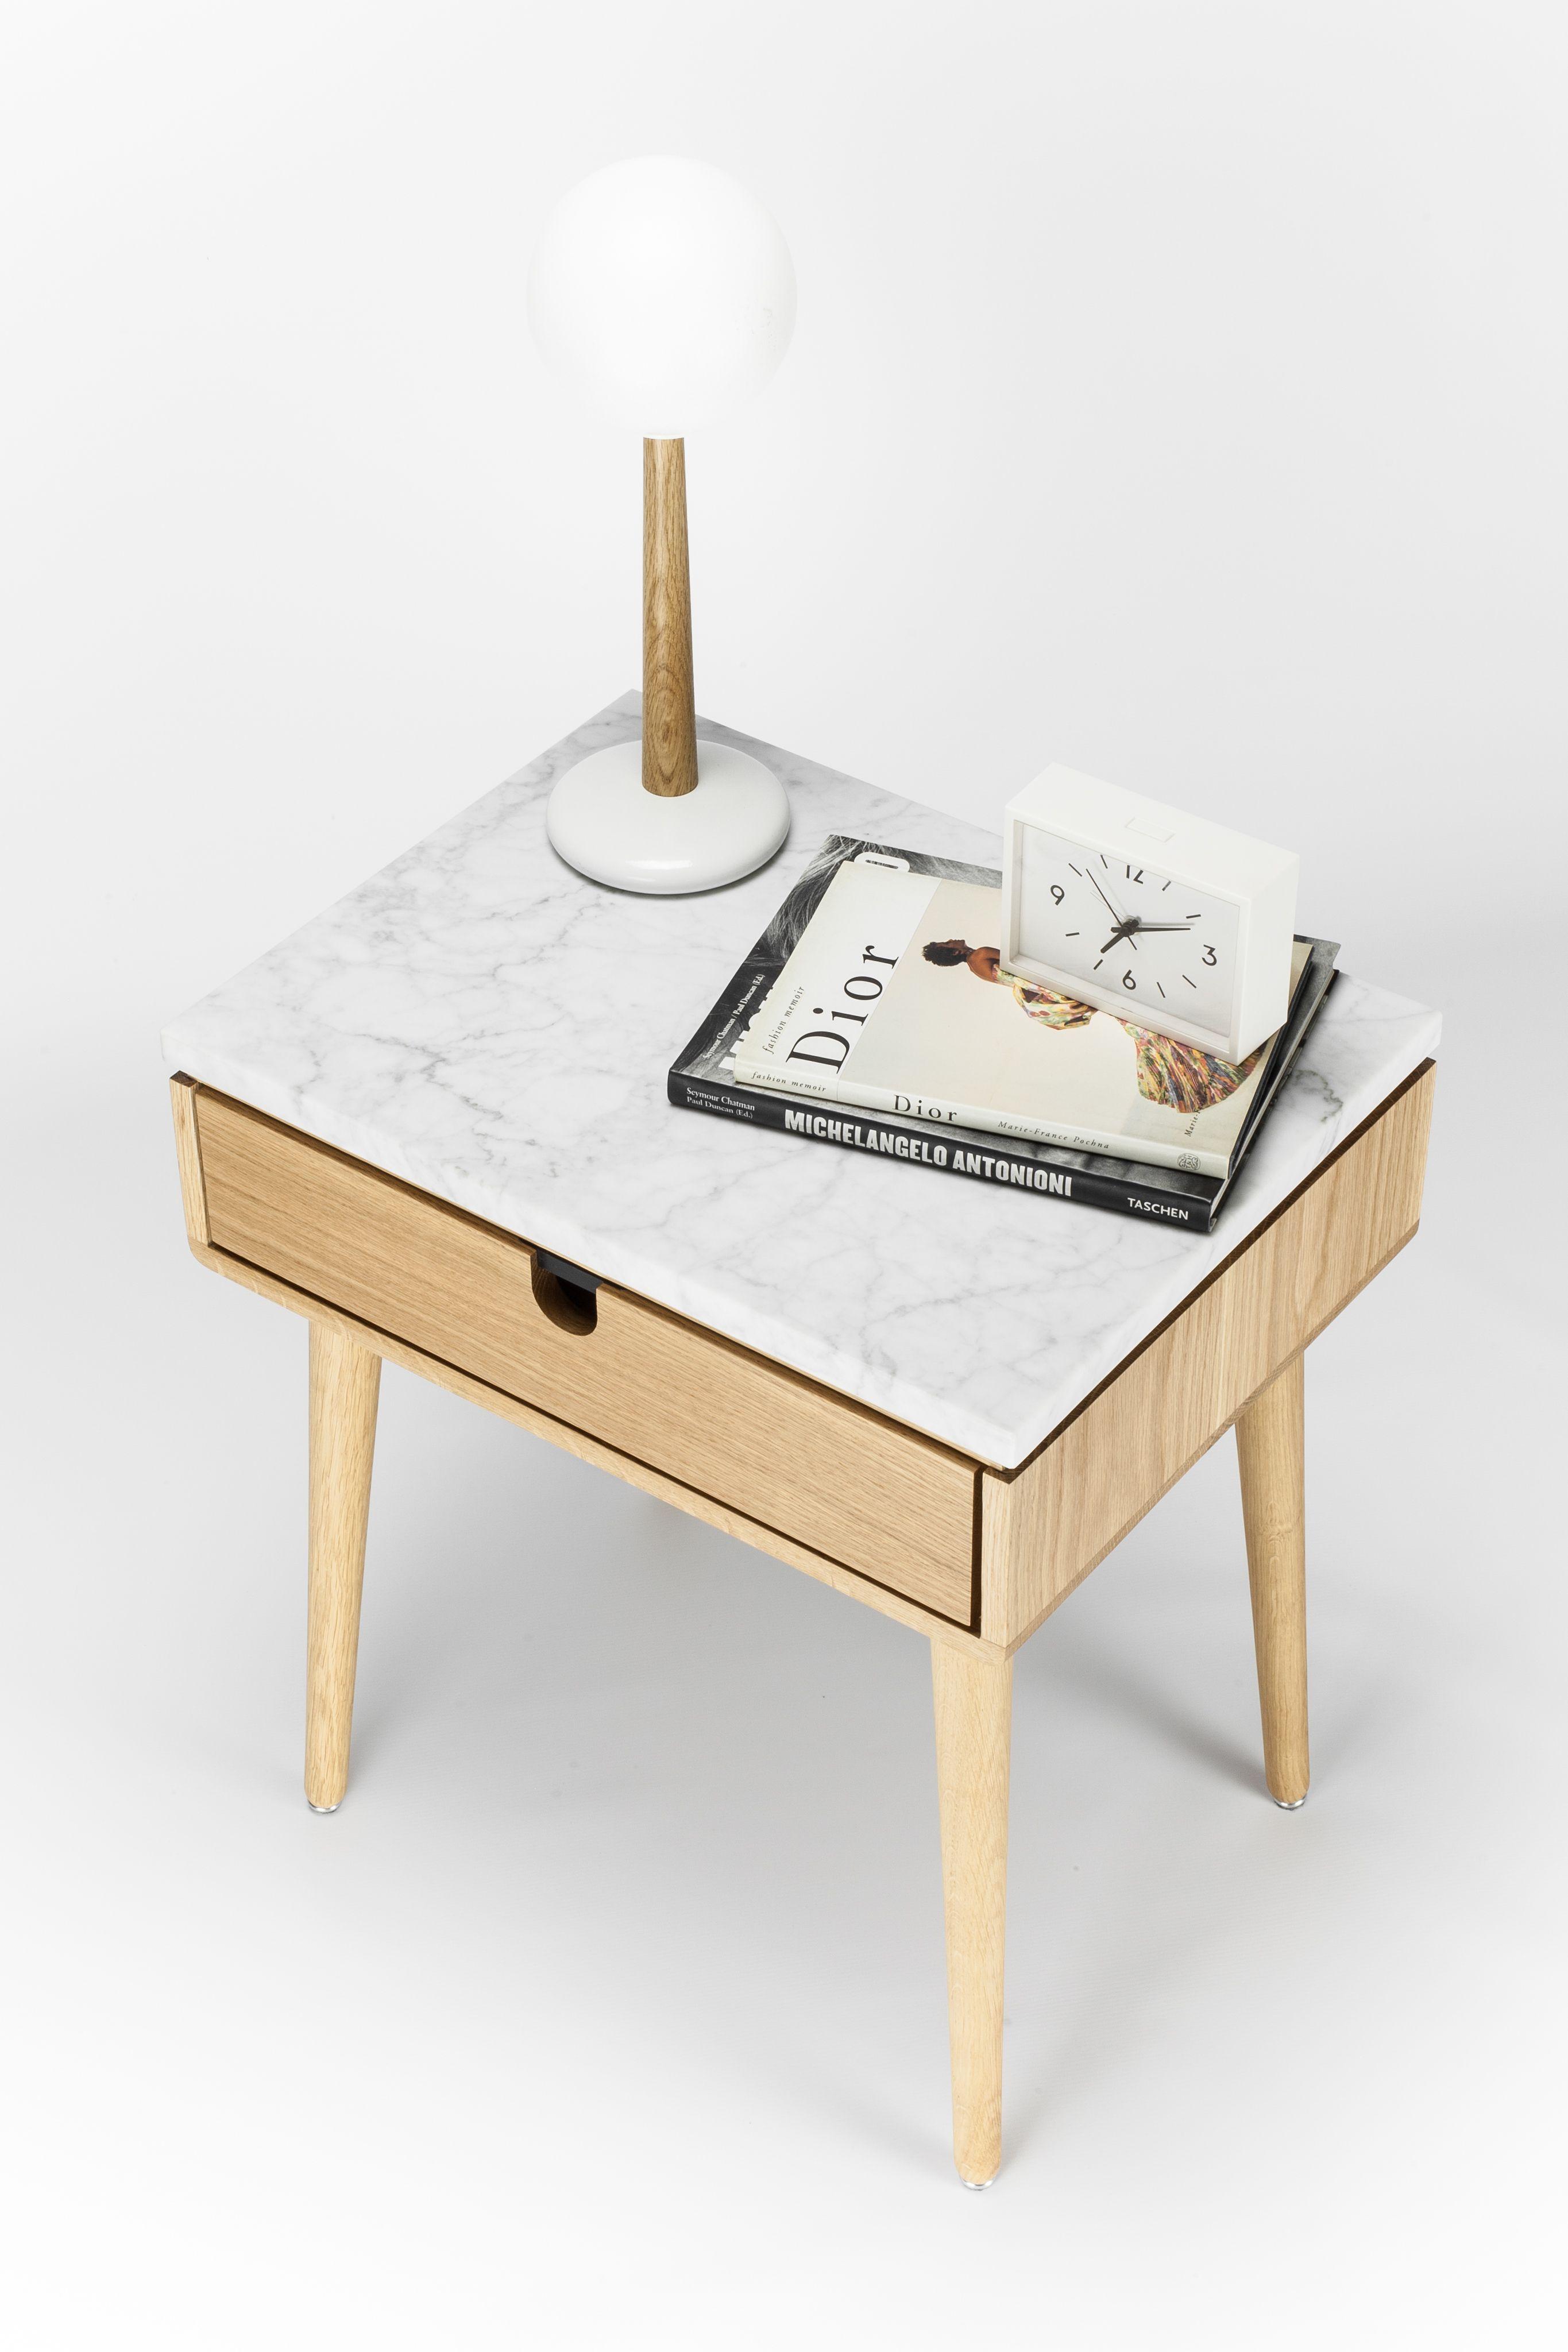 Oak Mid Century Modern Bedside Table / Nightstand In Solid Oak Board